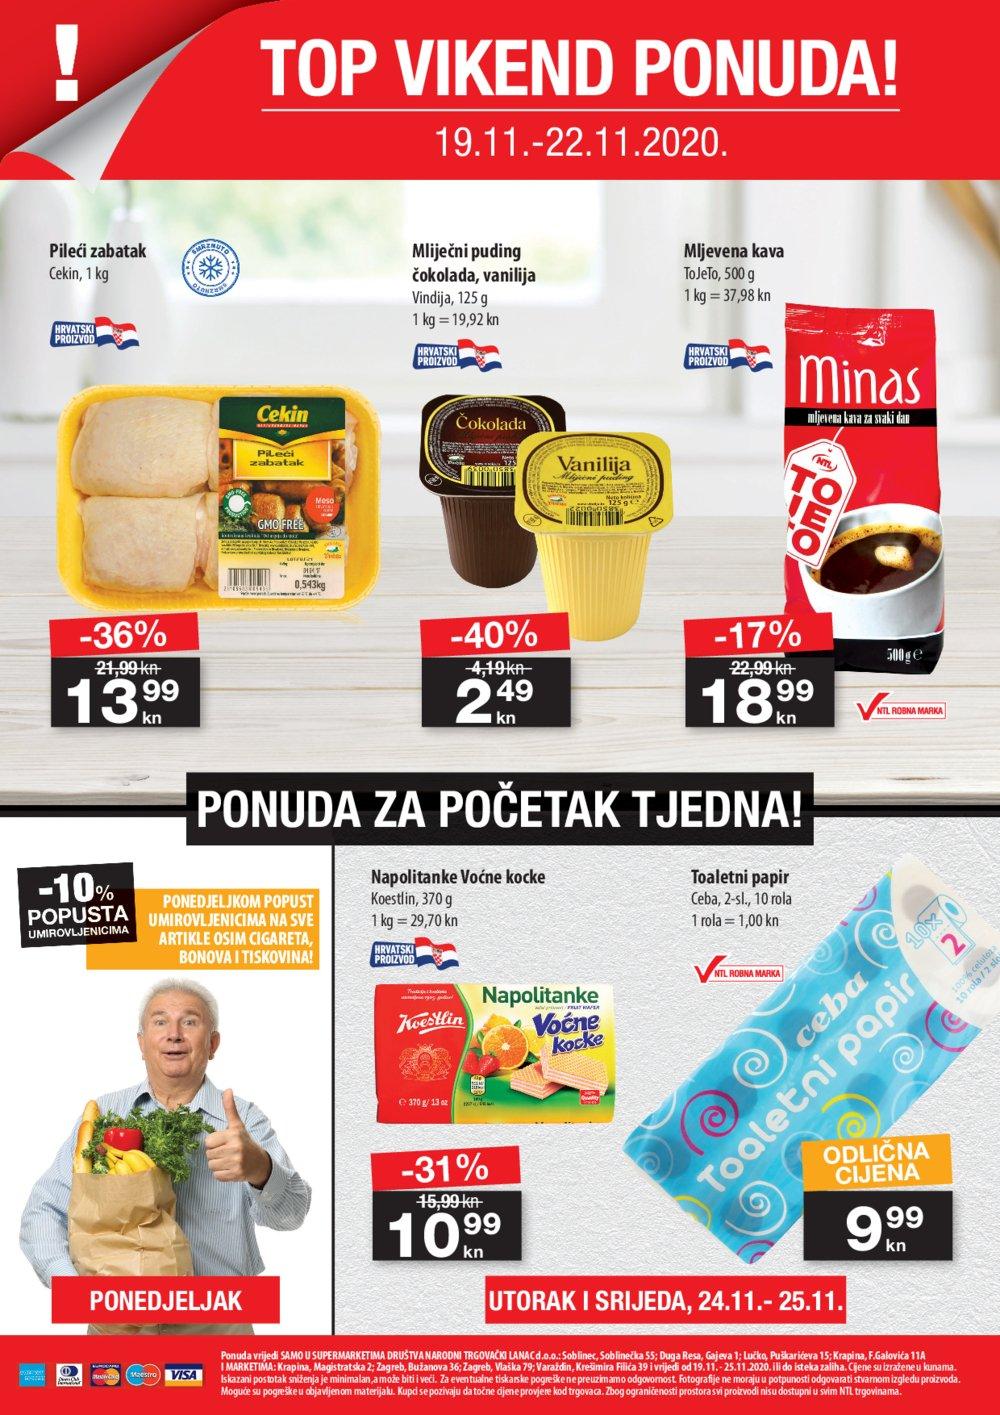 NTL katalog Akcija 19.11.-25.11.2020. Duga Resa, Krapina, Lučko, Zagreb, Varaždin